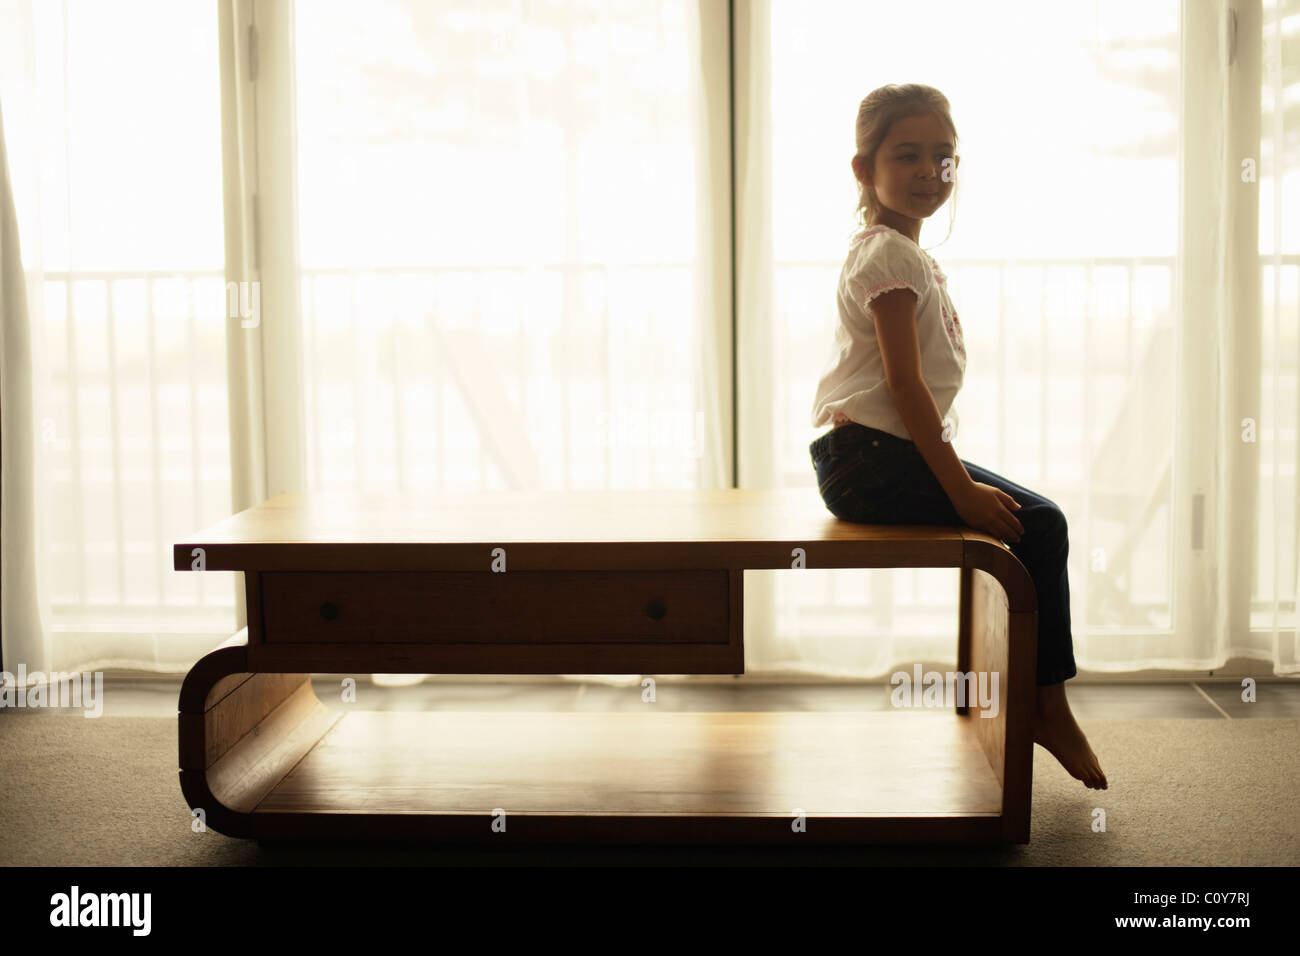 Girl sits on table beside window - Stock Image